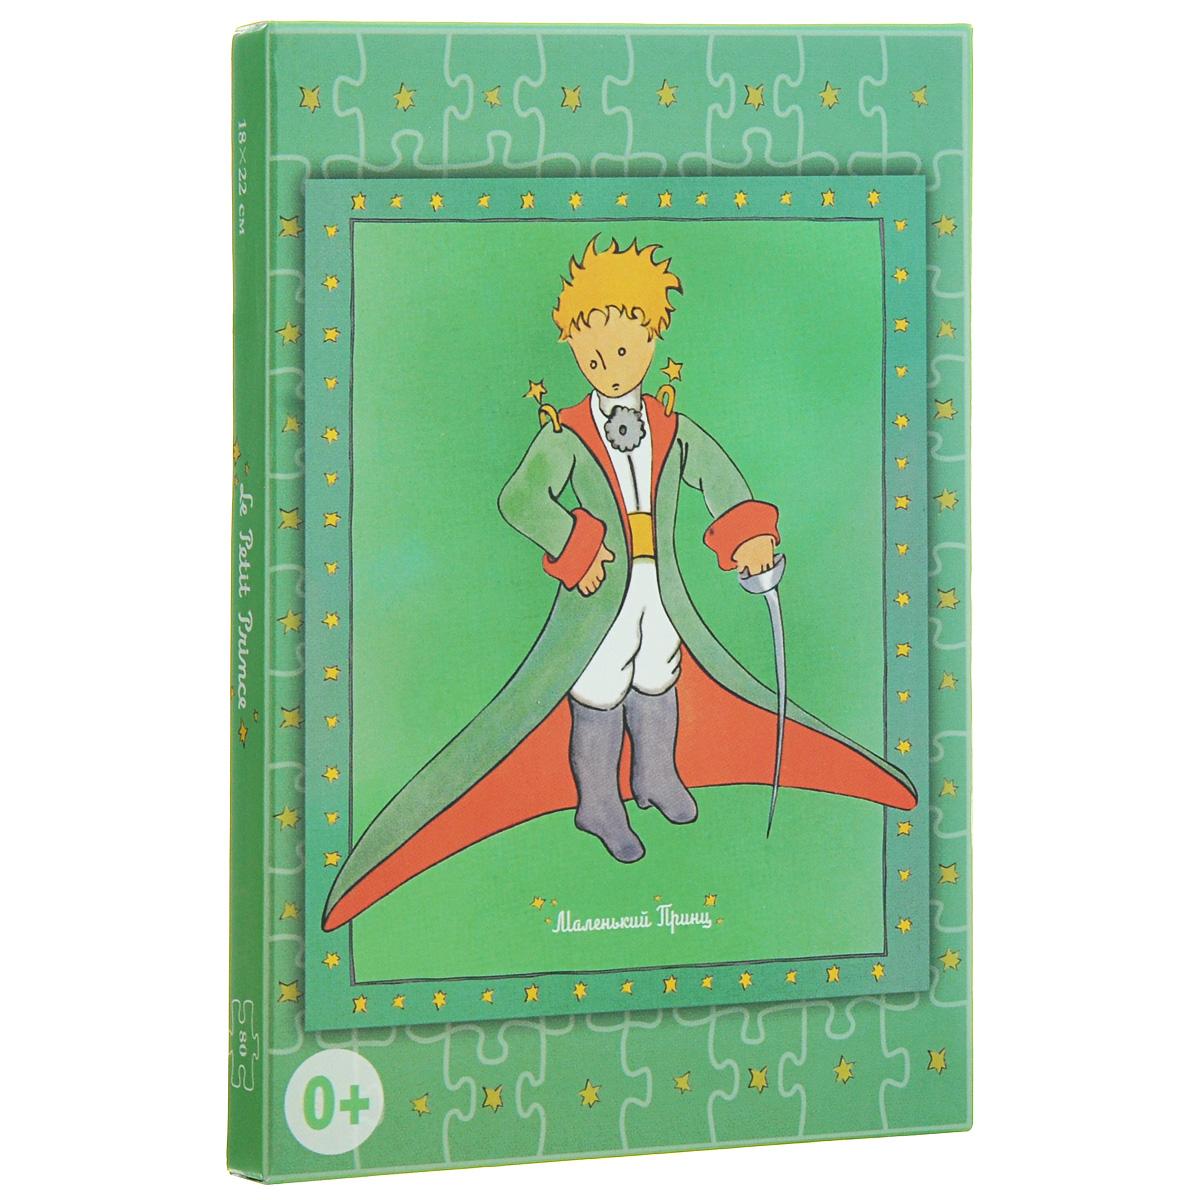 Маленький Принц. Пазл, 80 элементов издательский дом мещерякова летящие сказки в п крапивин